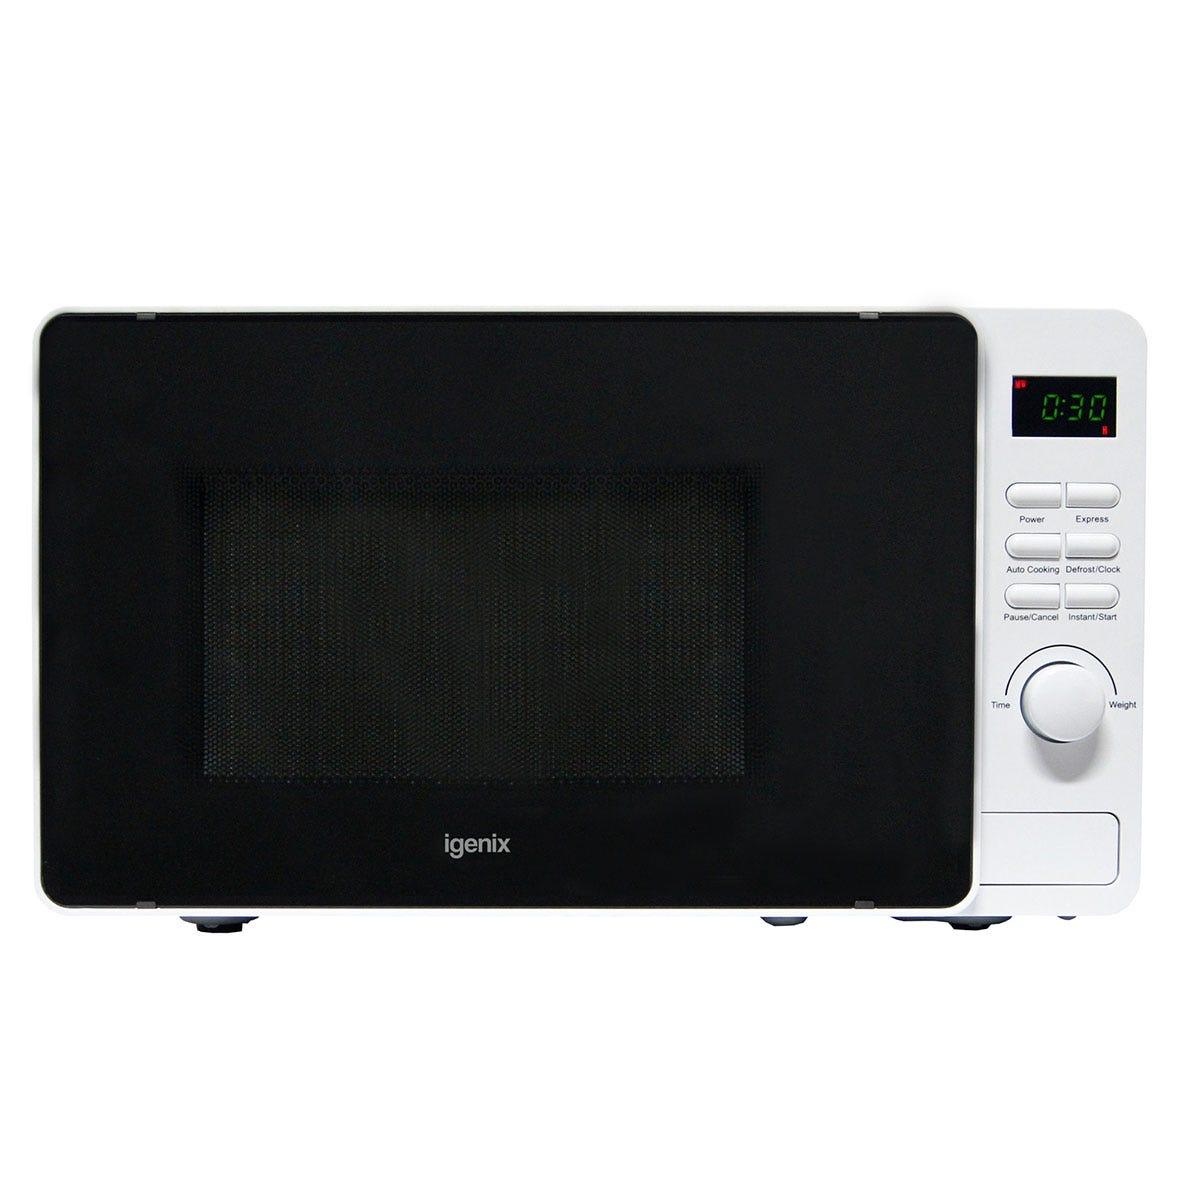 Igenix IG2082 20L 800W Digital Microwave - White